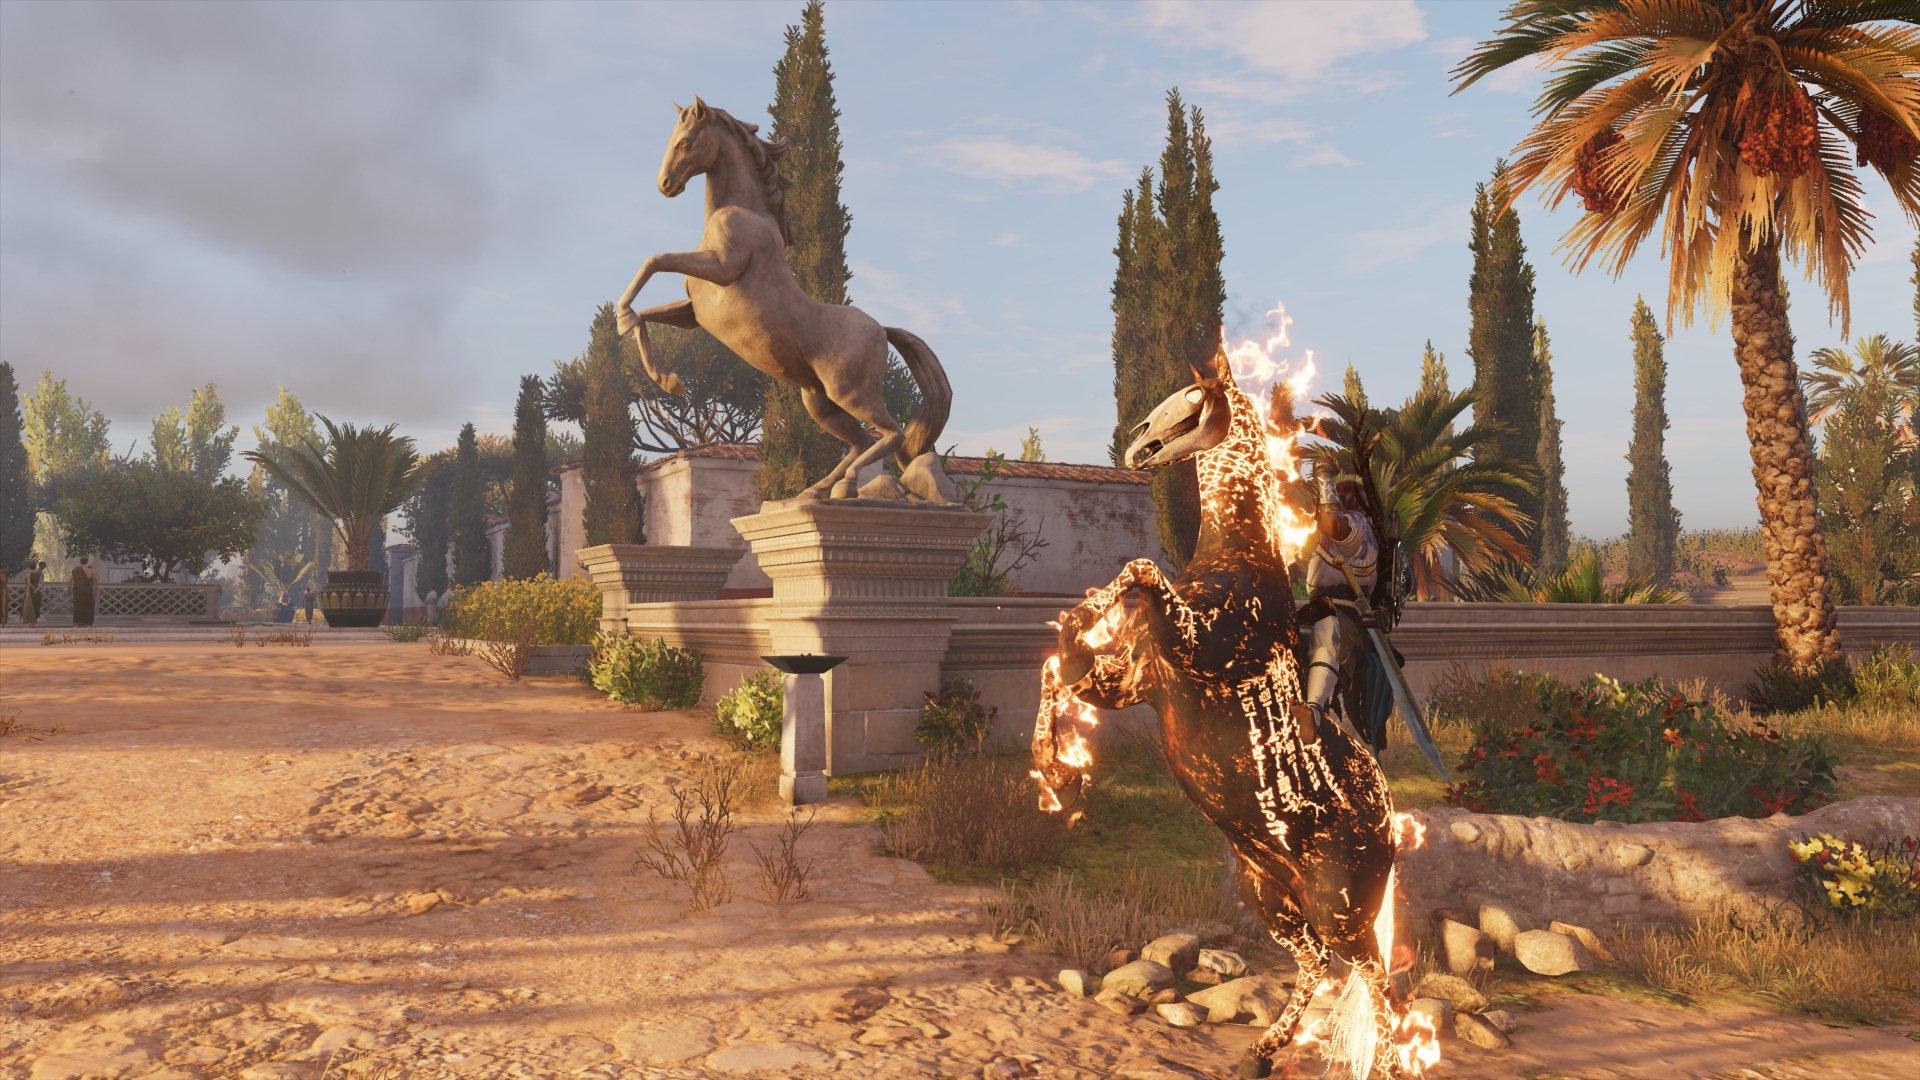 20180211164944.jpg - Assassin's Creed: Origins